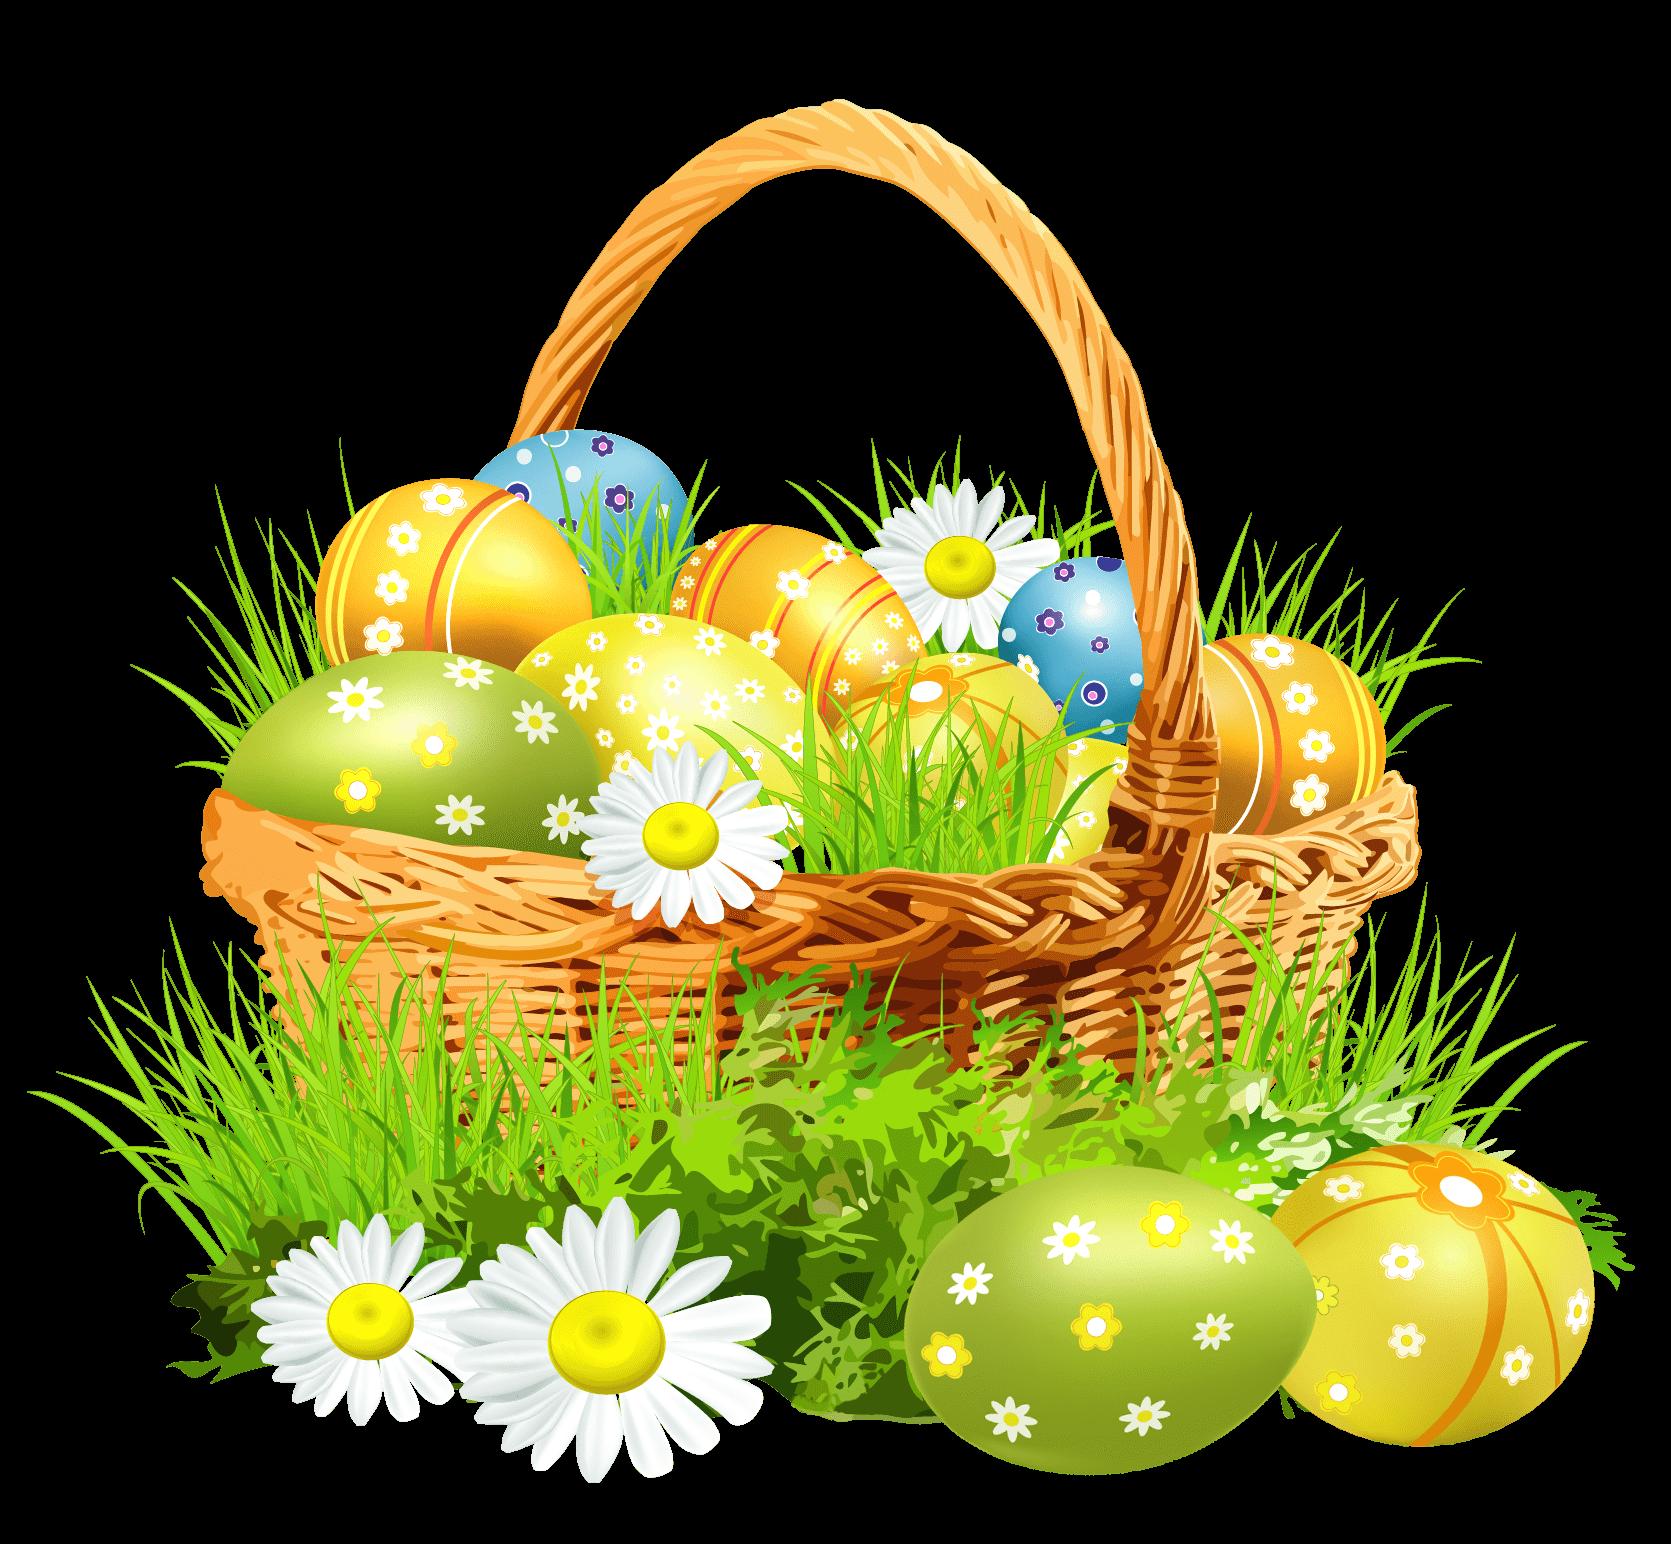 Easter Basket Flowers Transparent Png Stickpng